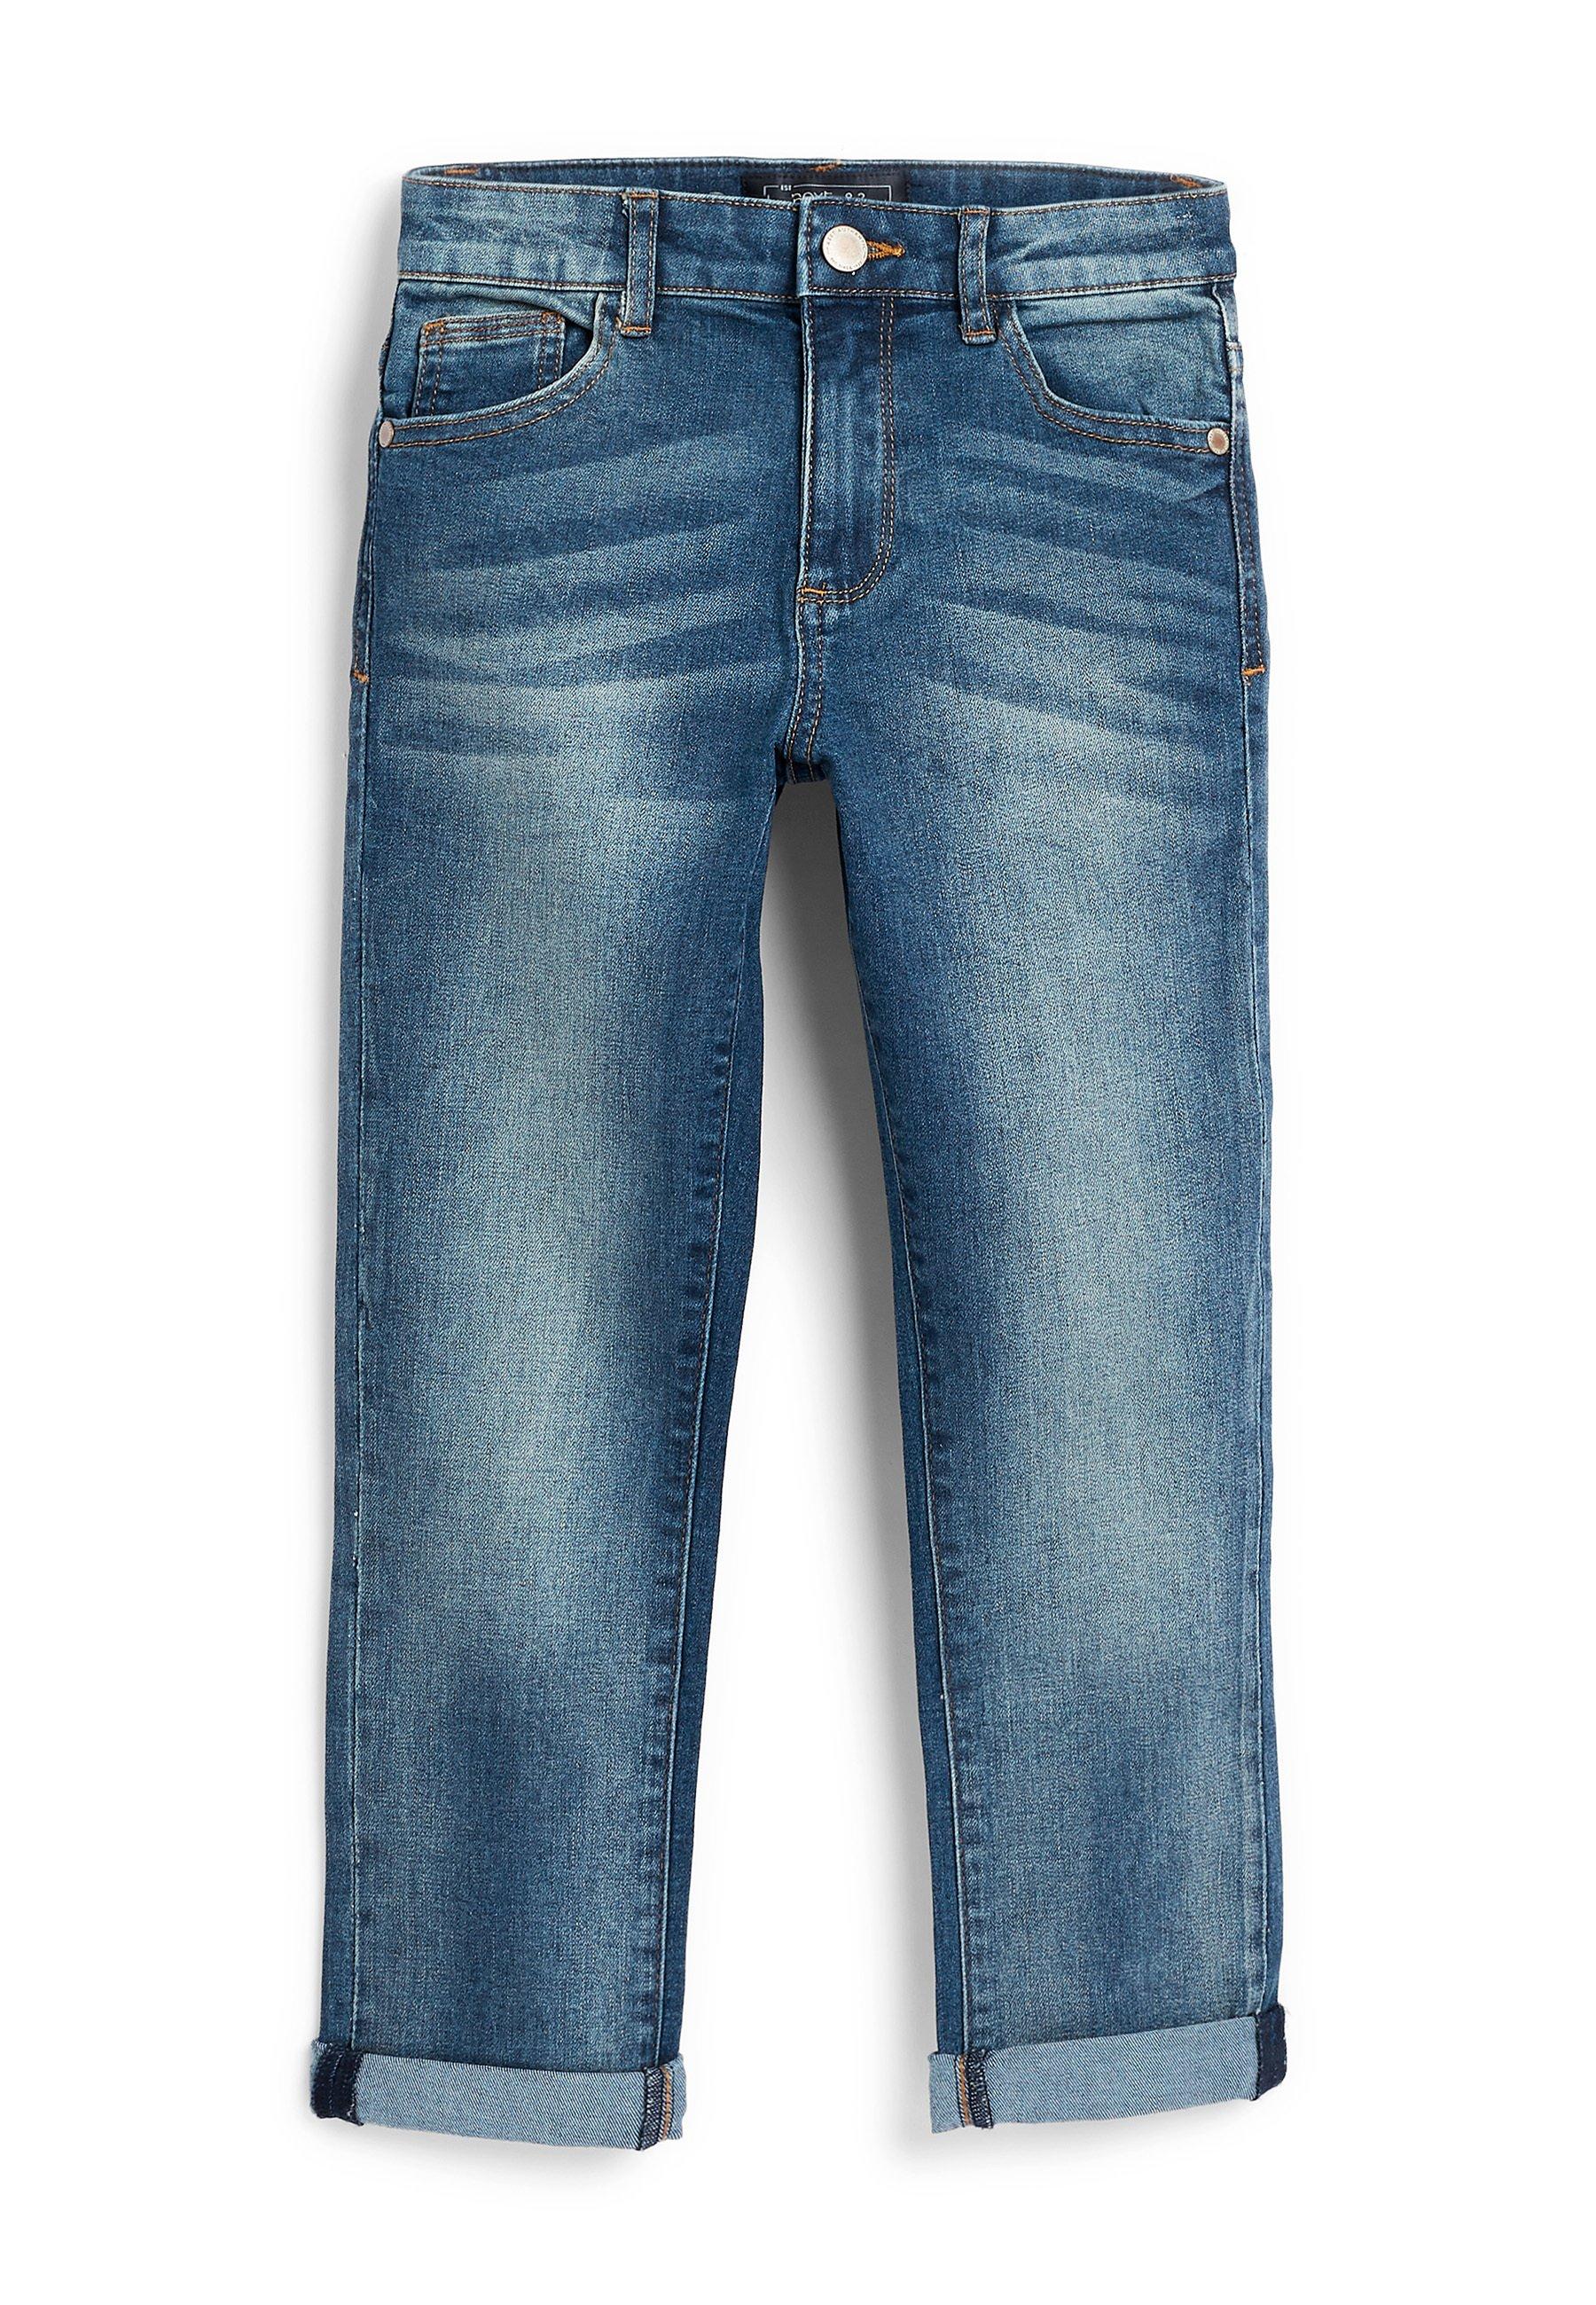 buco strappato in jeans senza spalle con balze Set di 3 pezzi per bambina camicia fascia completo.